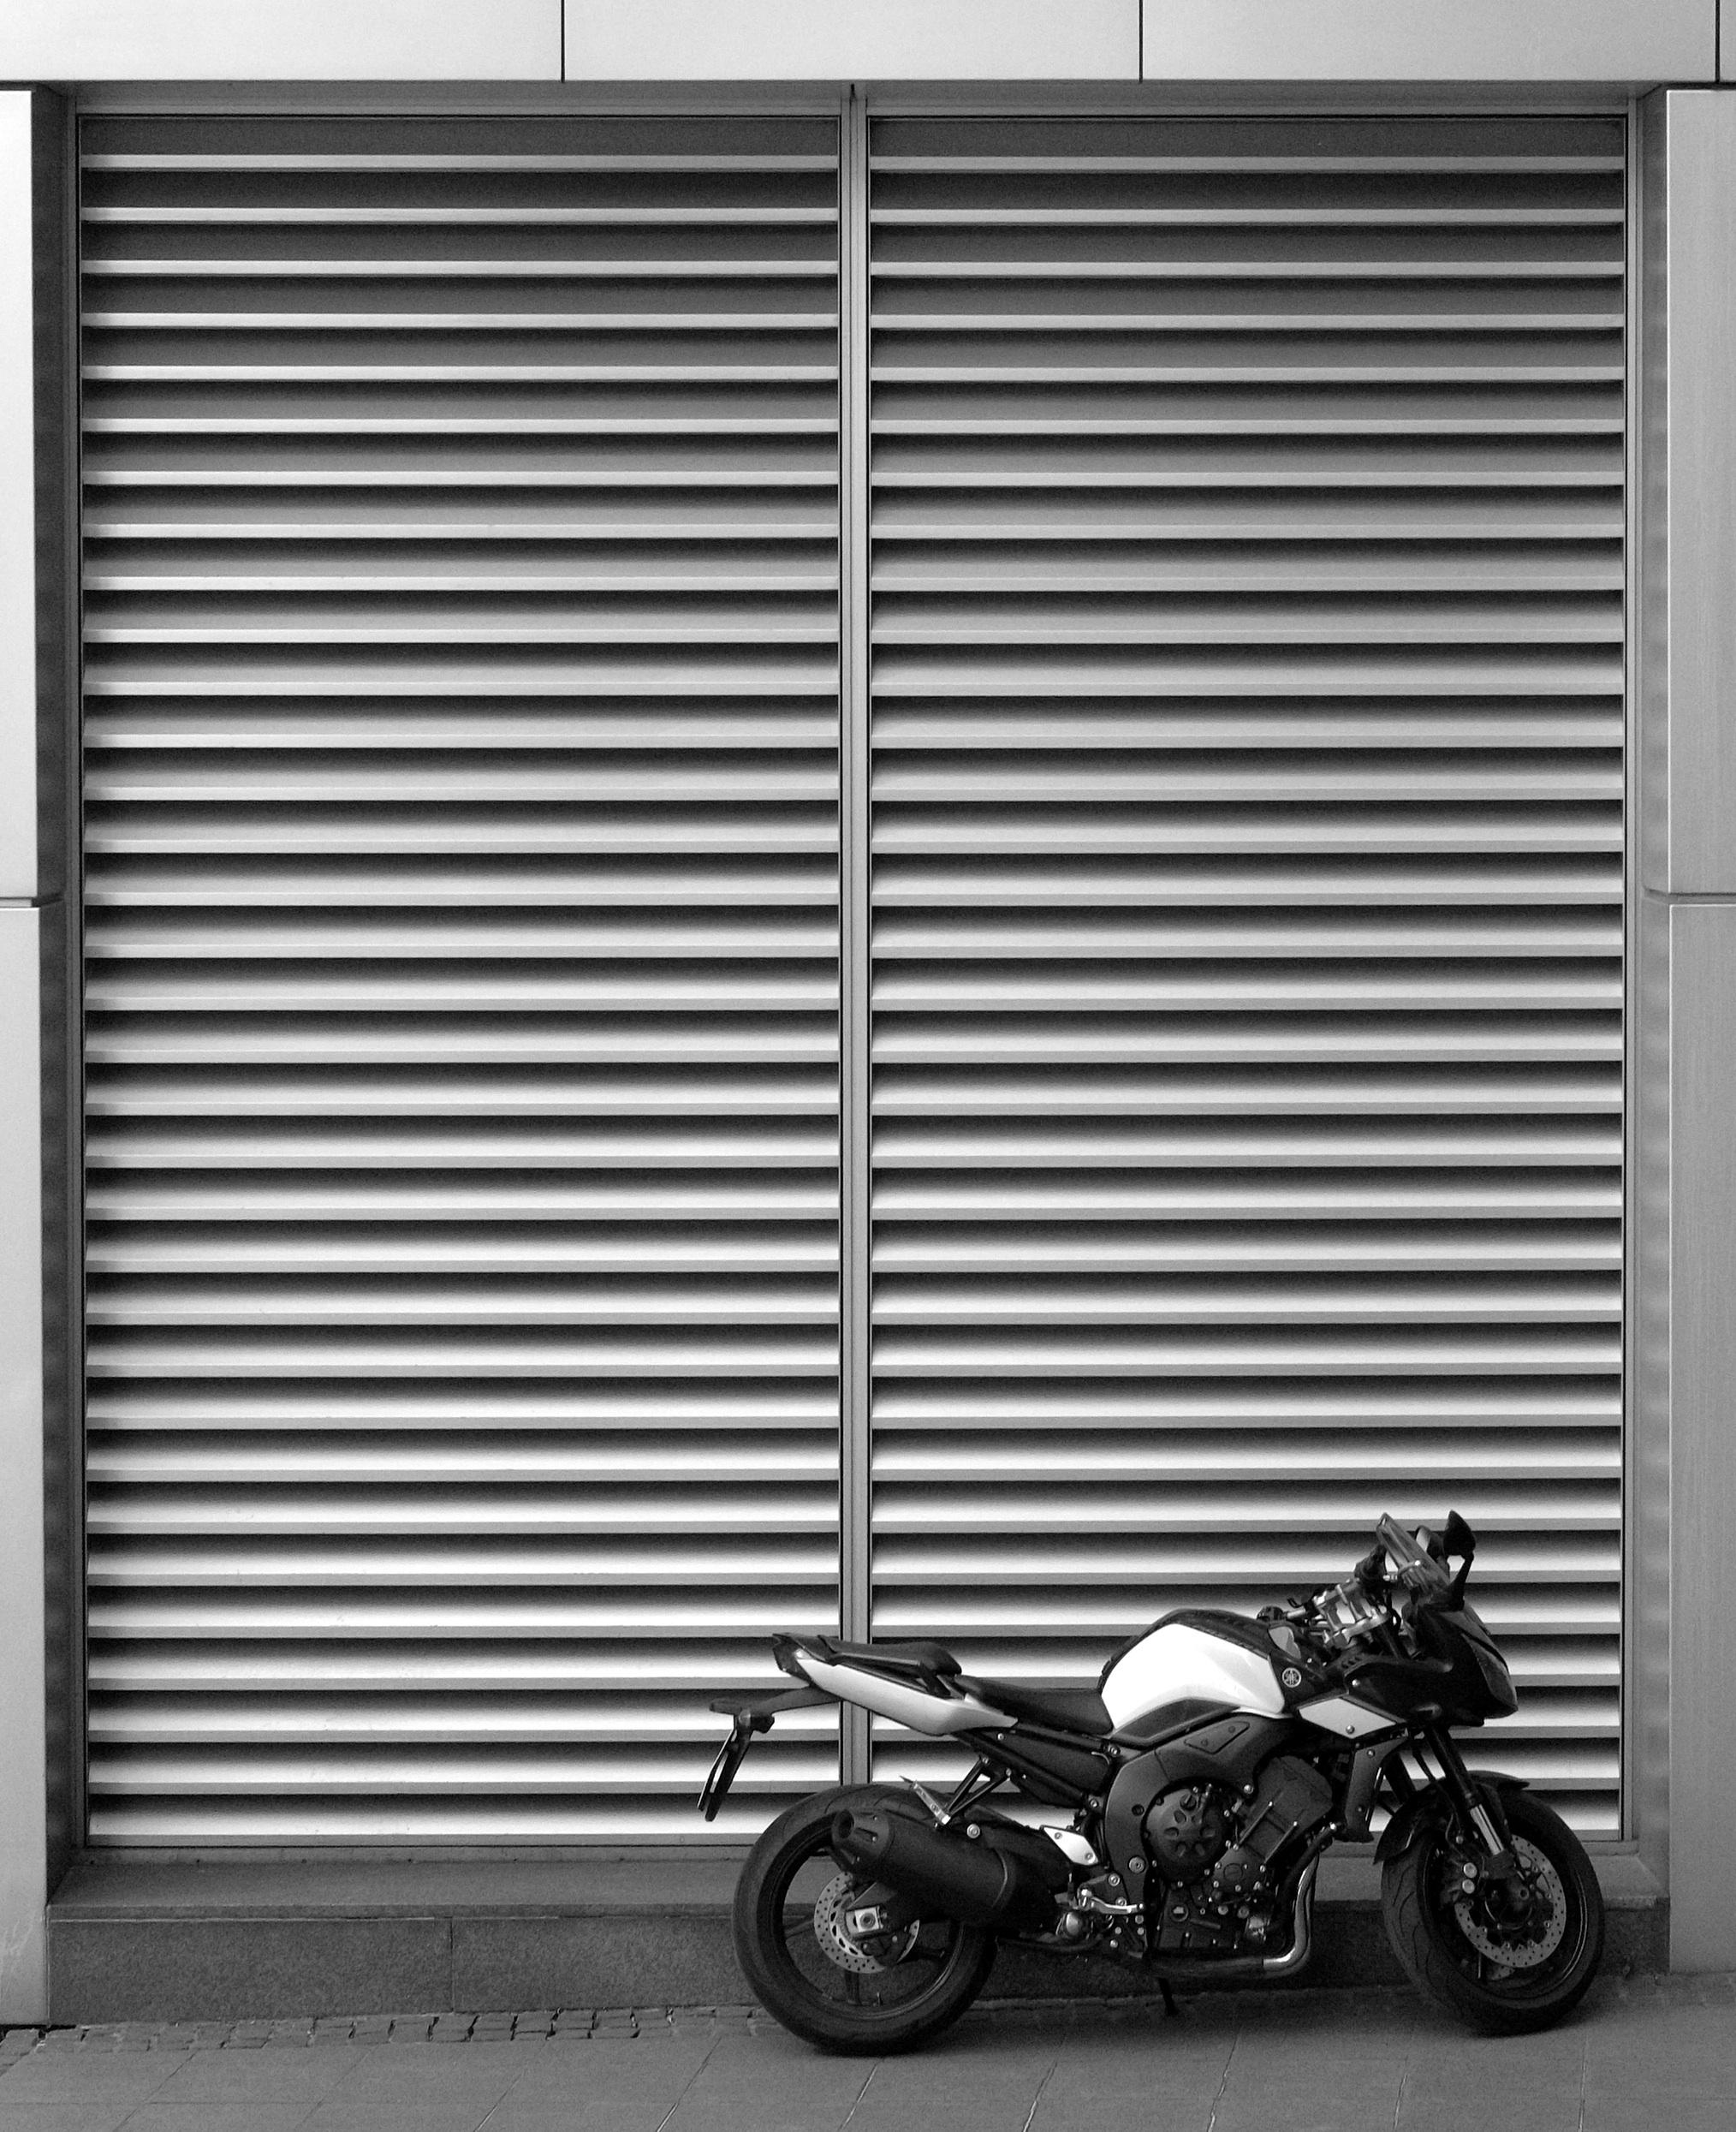 Motorrad vor Garagen-Rolltor aus Metall.